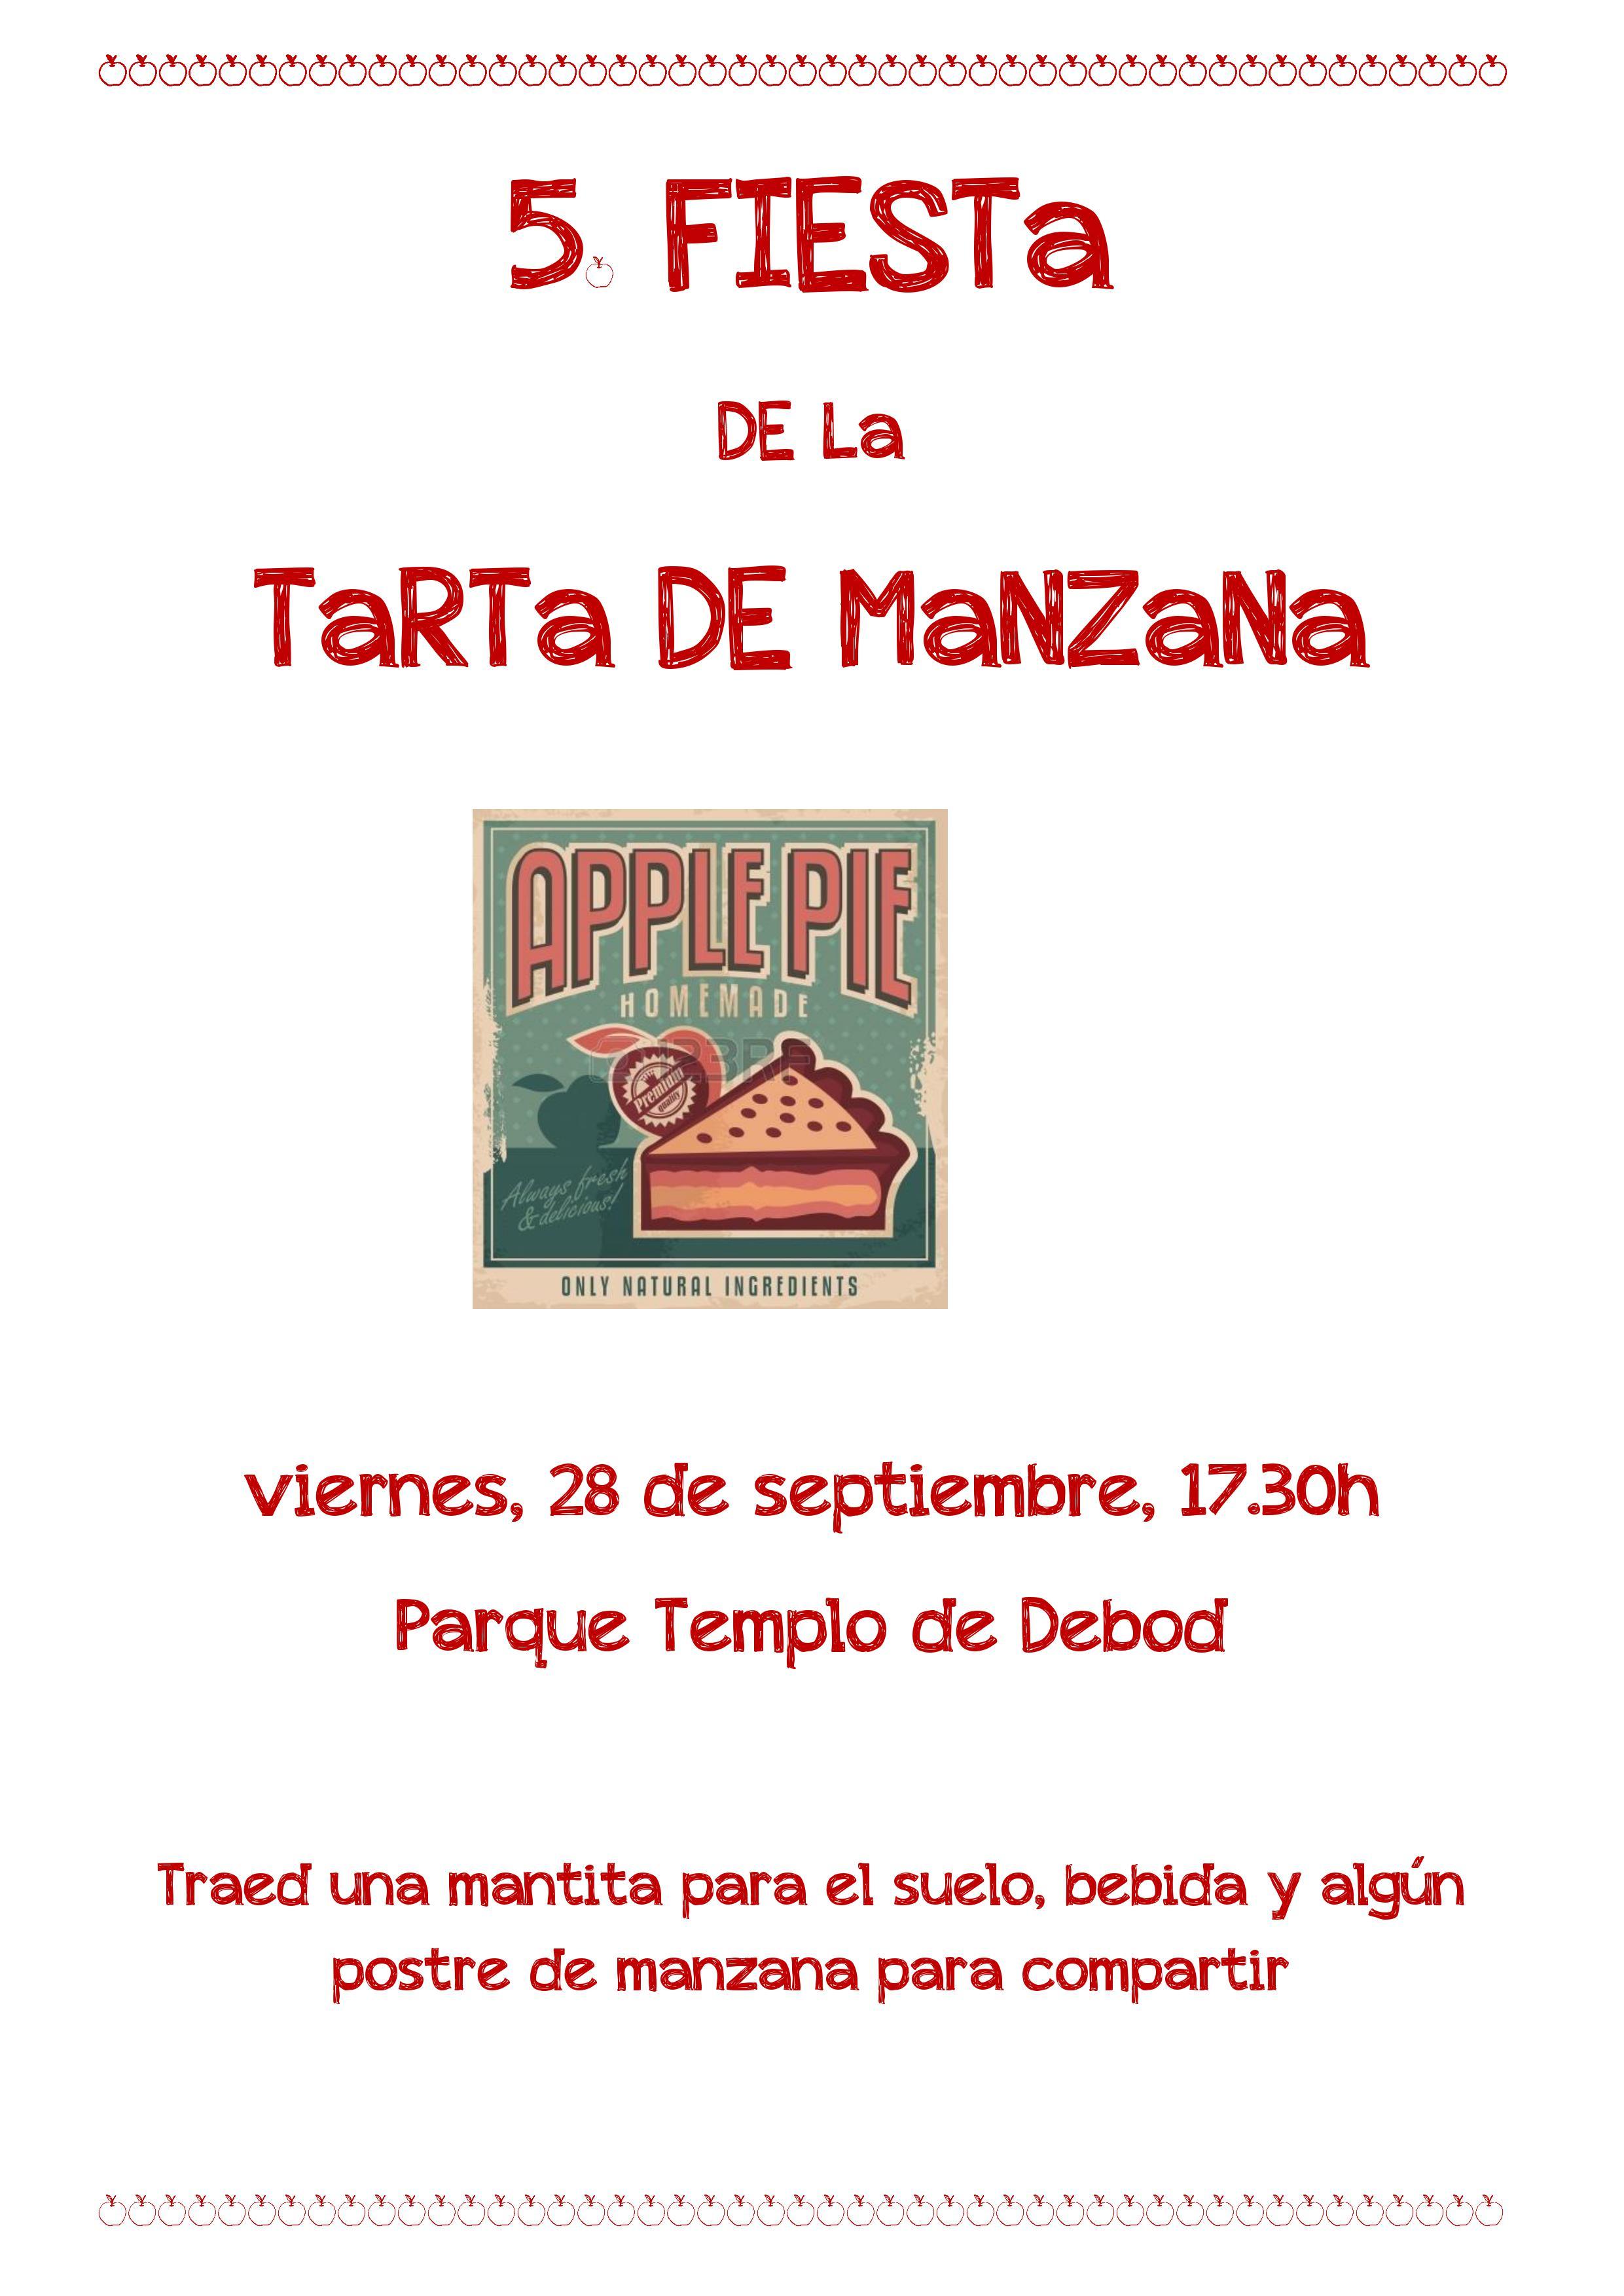 FIESTA DE LA TARTA DE MANZANA